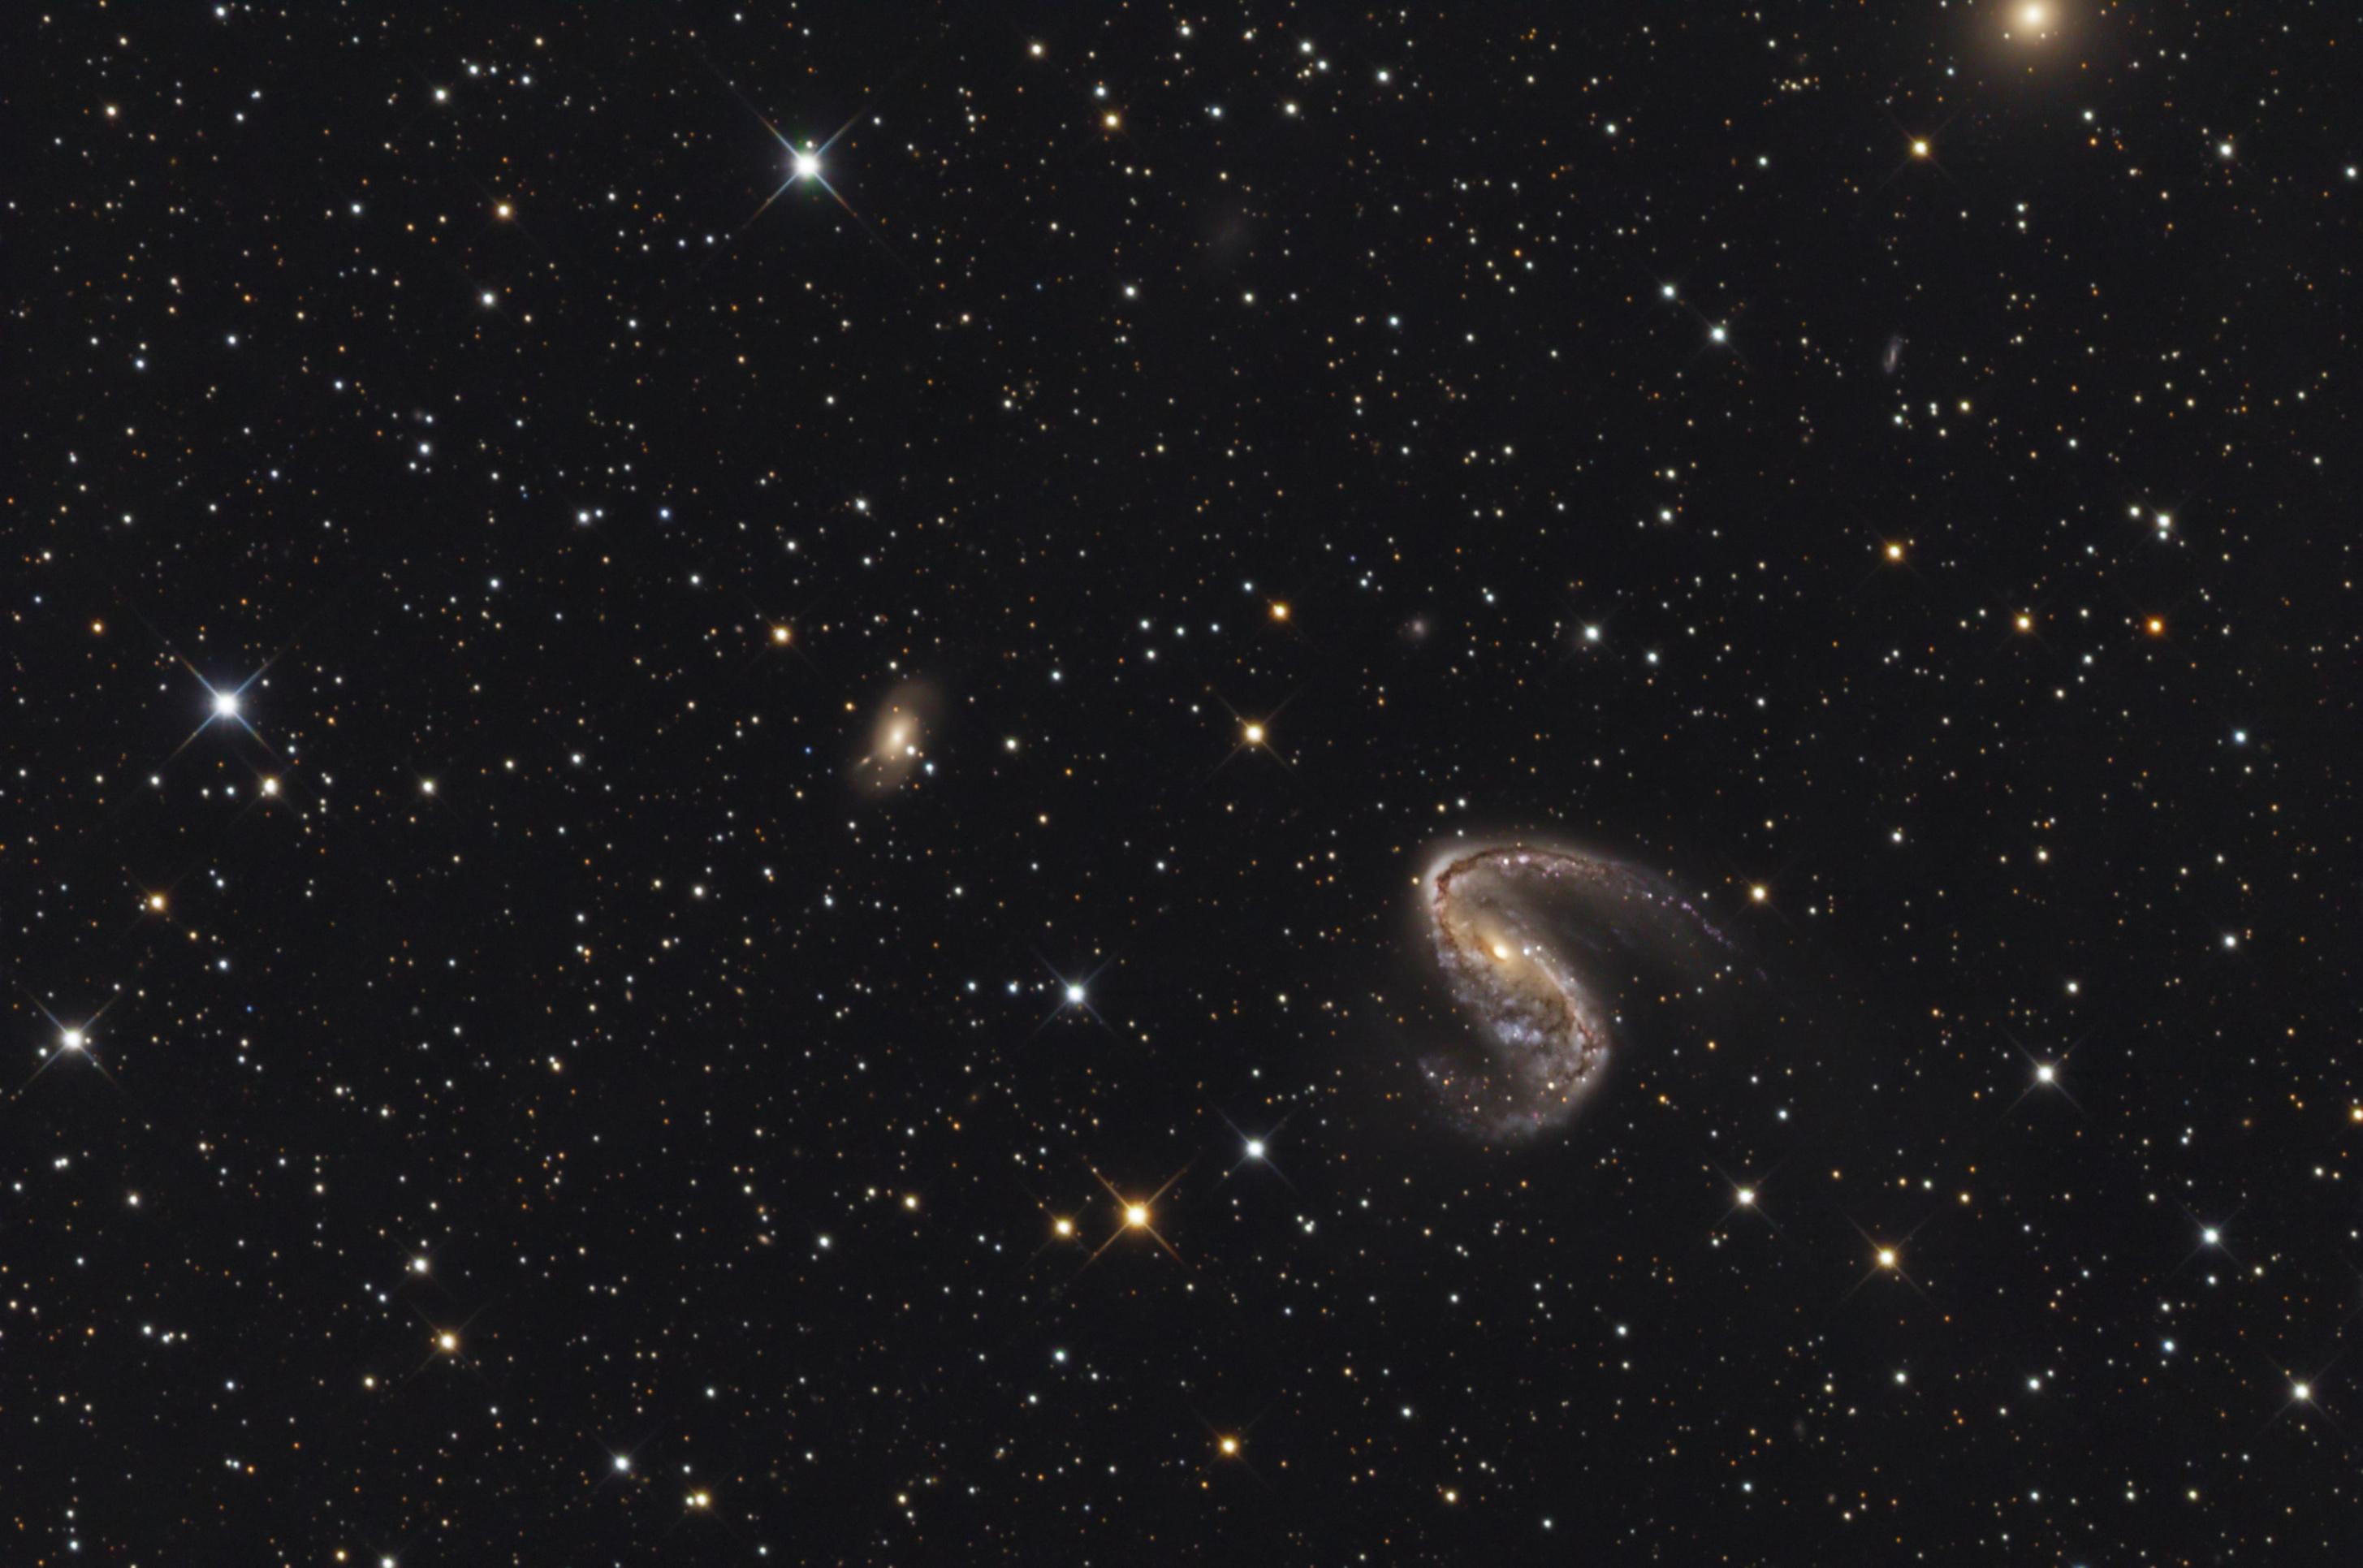 ngc 3 Ngc 3 est une galaxie spirale intermédiaire de magnitude 13,4 elle est située dans la constellation des poissons et elle est distante de 53,4 ± 4,3 mpc (∼174 millions d'al) la base de données nasa/ipac ainsi que le site seds classe ngc 3 comme étant une galaxie lenticulaire (s0.